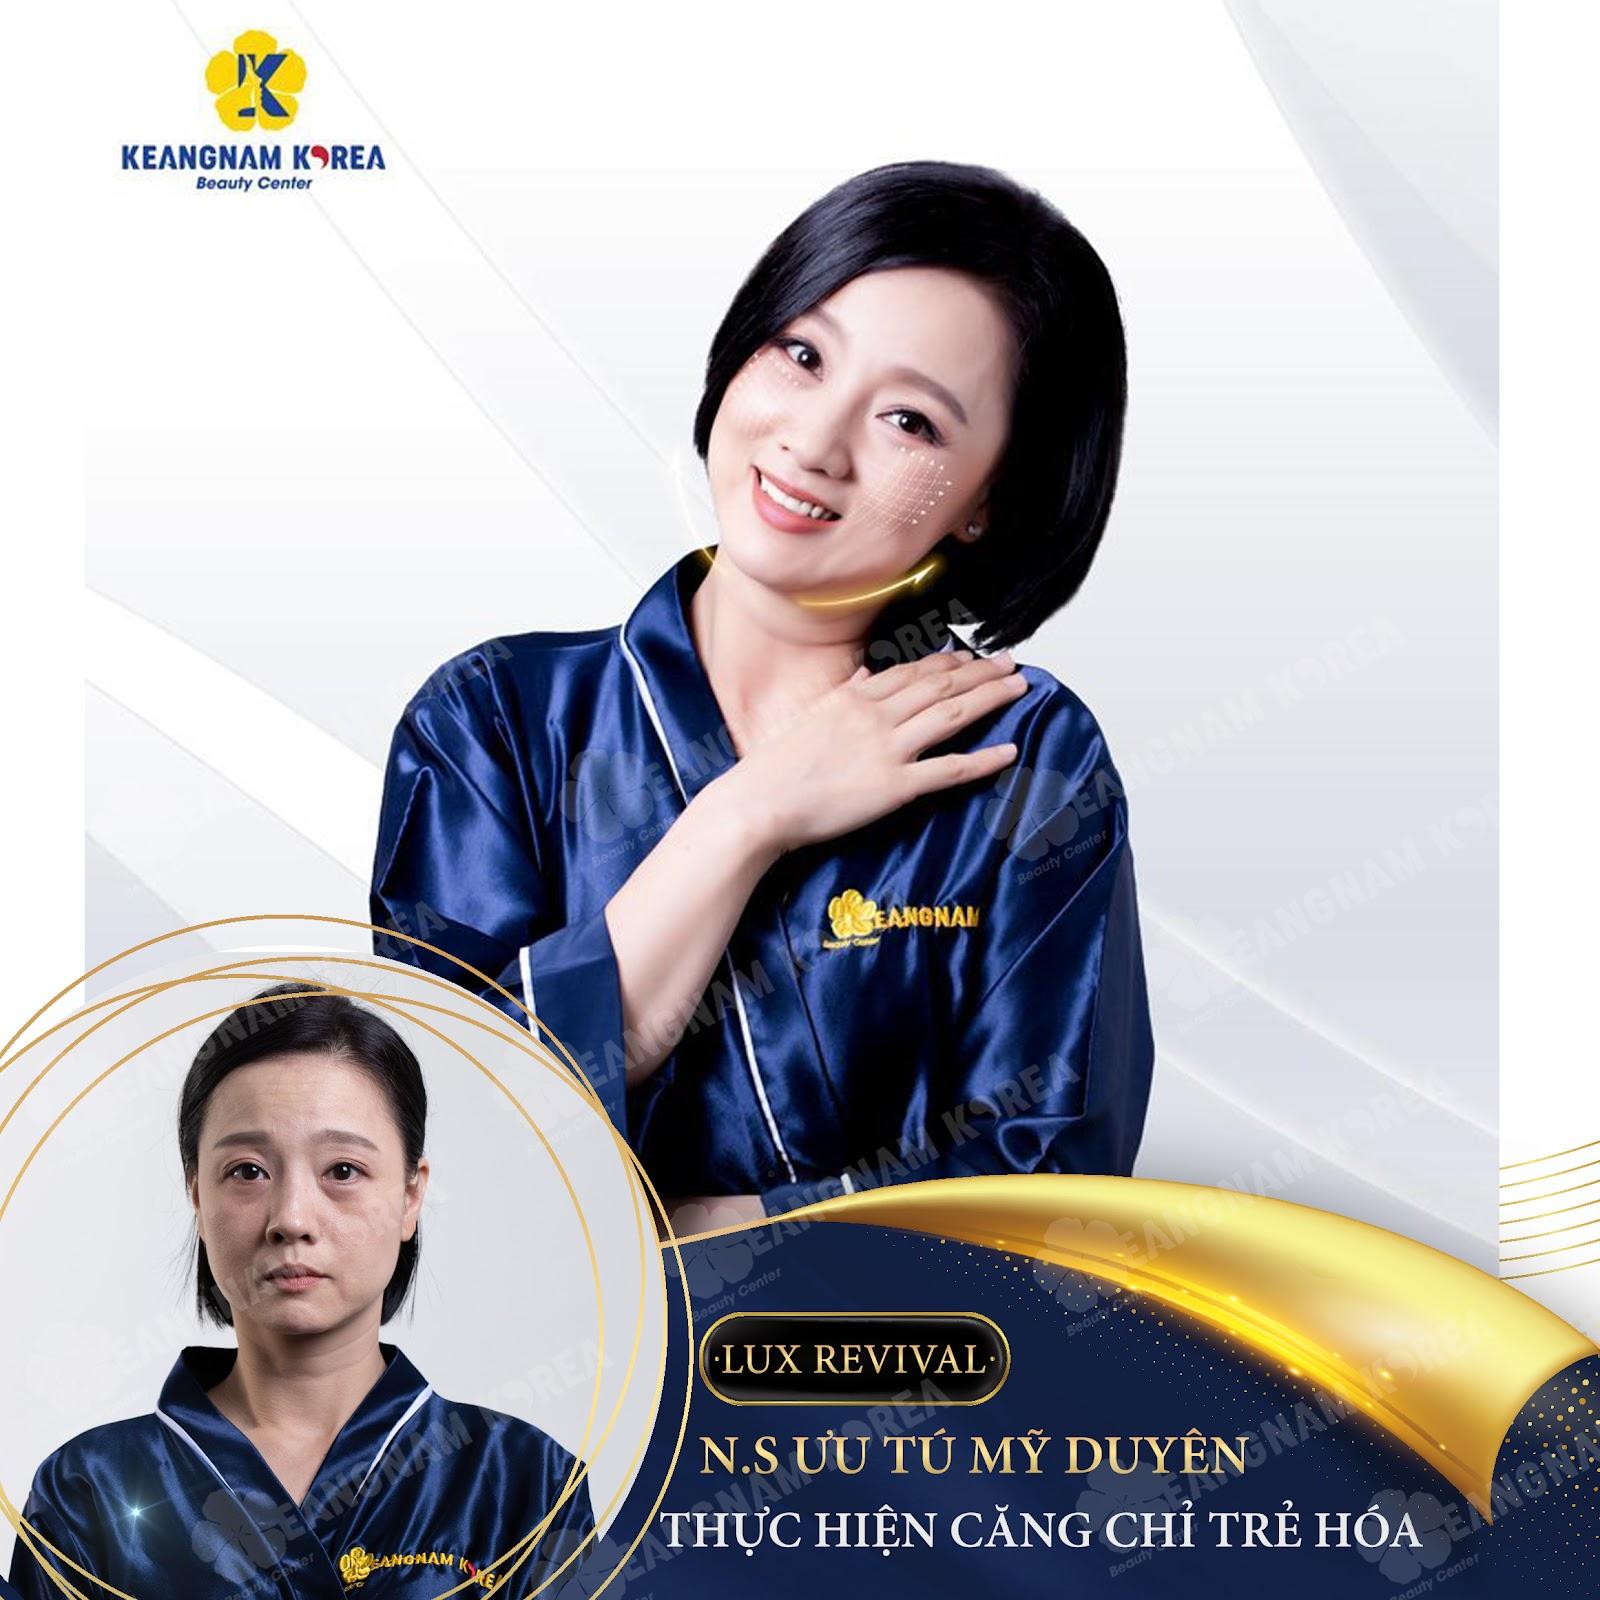 Viện sắc đẹp KeangNam Korea - Công nghệ tạo nên điểm nhấn - Con người làm nên chất lượng - Ảnh 1